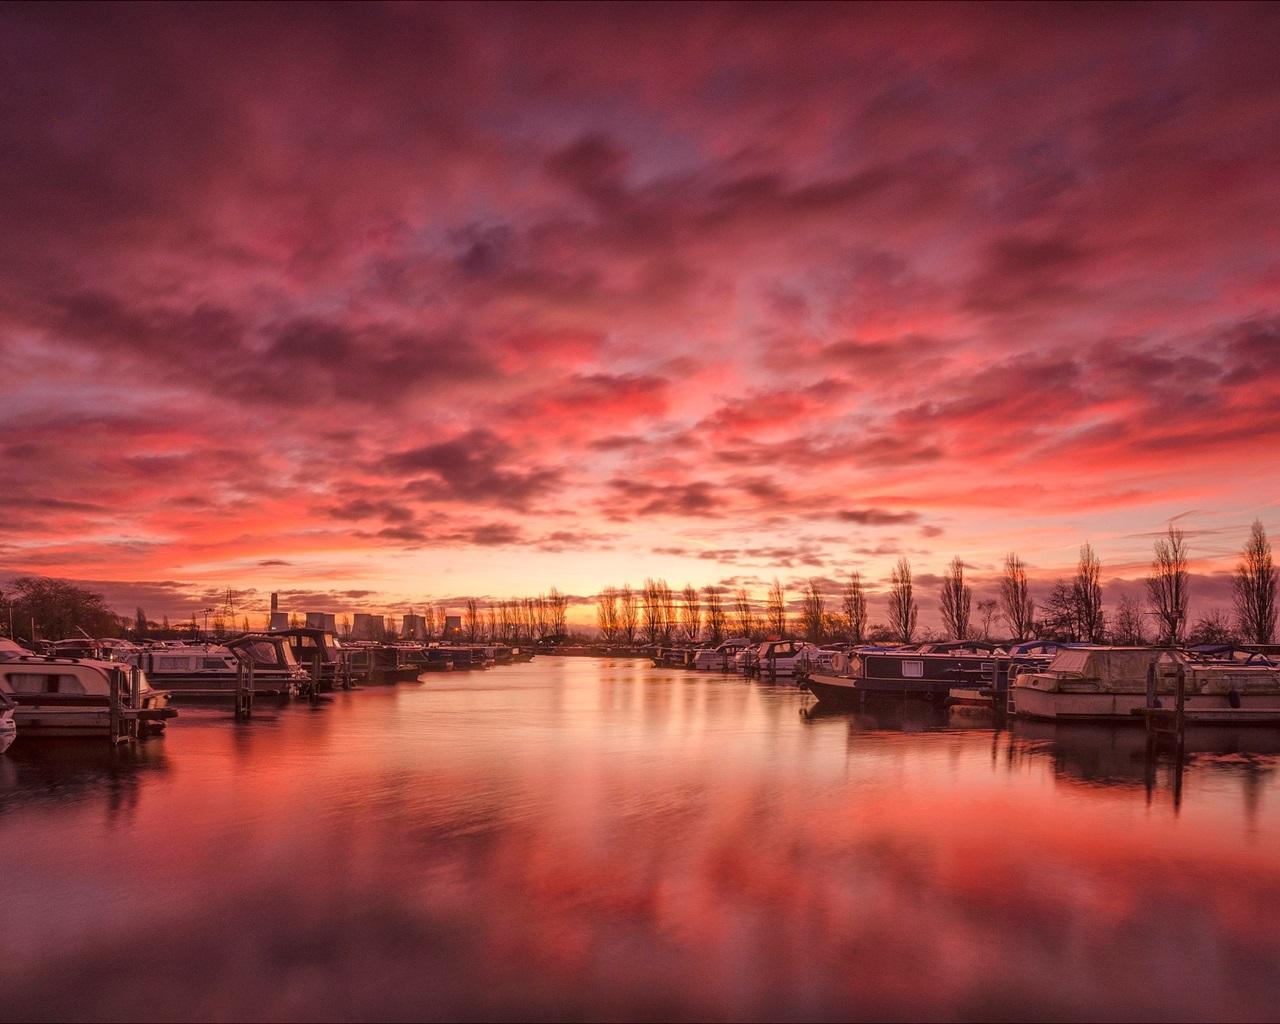 壁紙 イギリス、ダービーシャー、港、川、ボート、雲、日没 1920x1200 HD 無料のデスクトップの背景, 画像